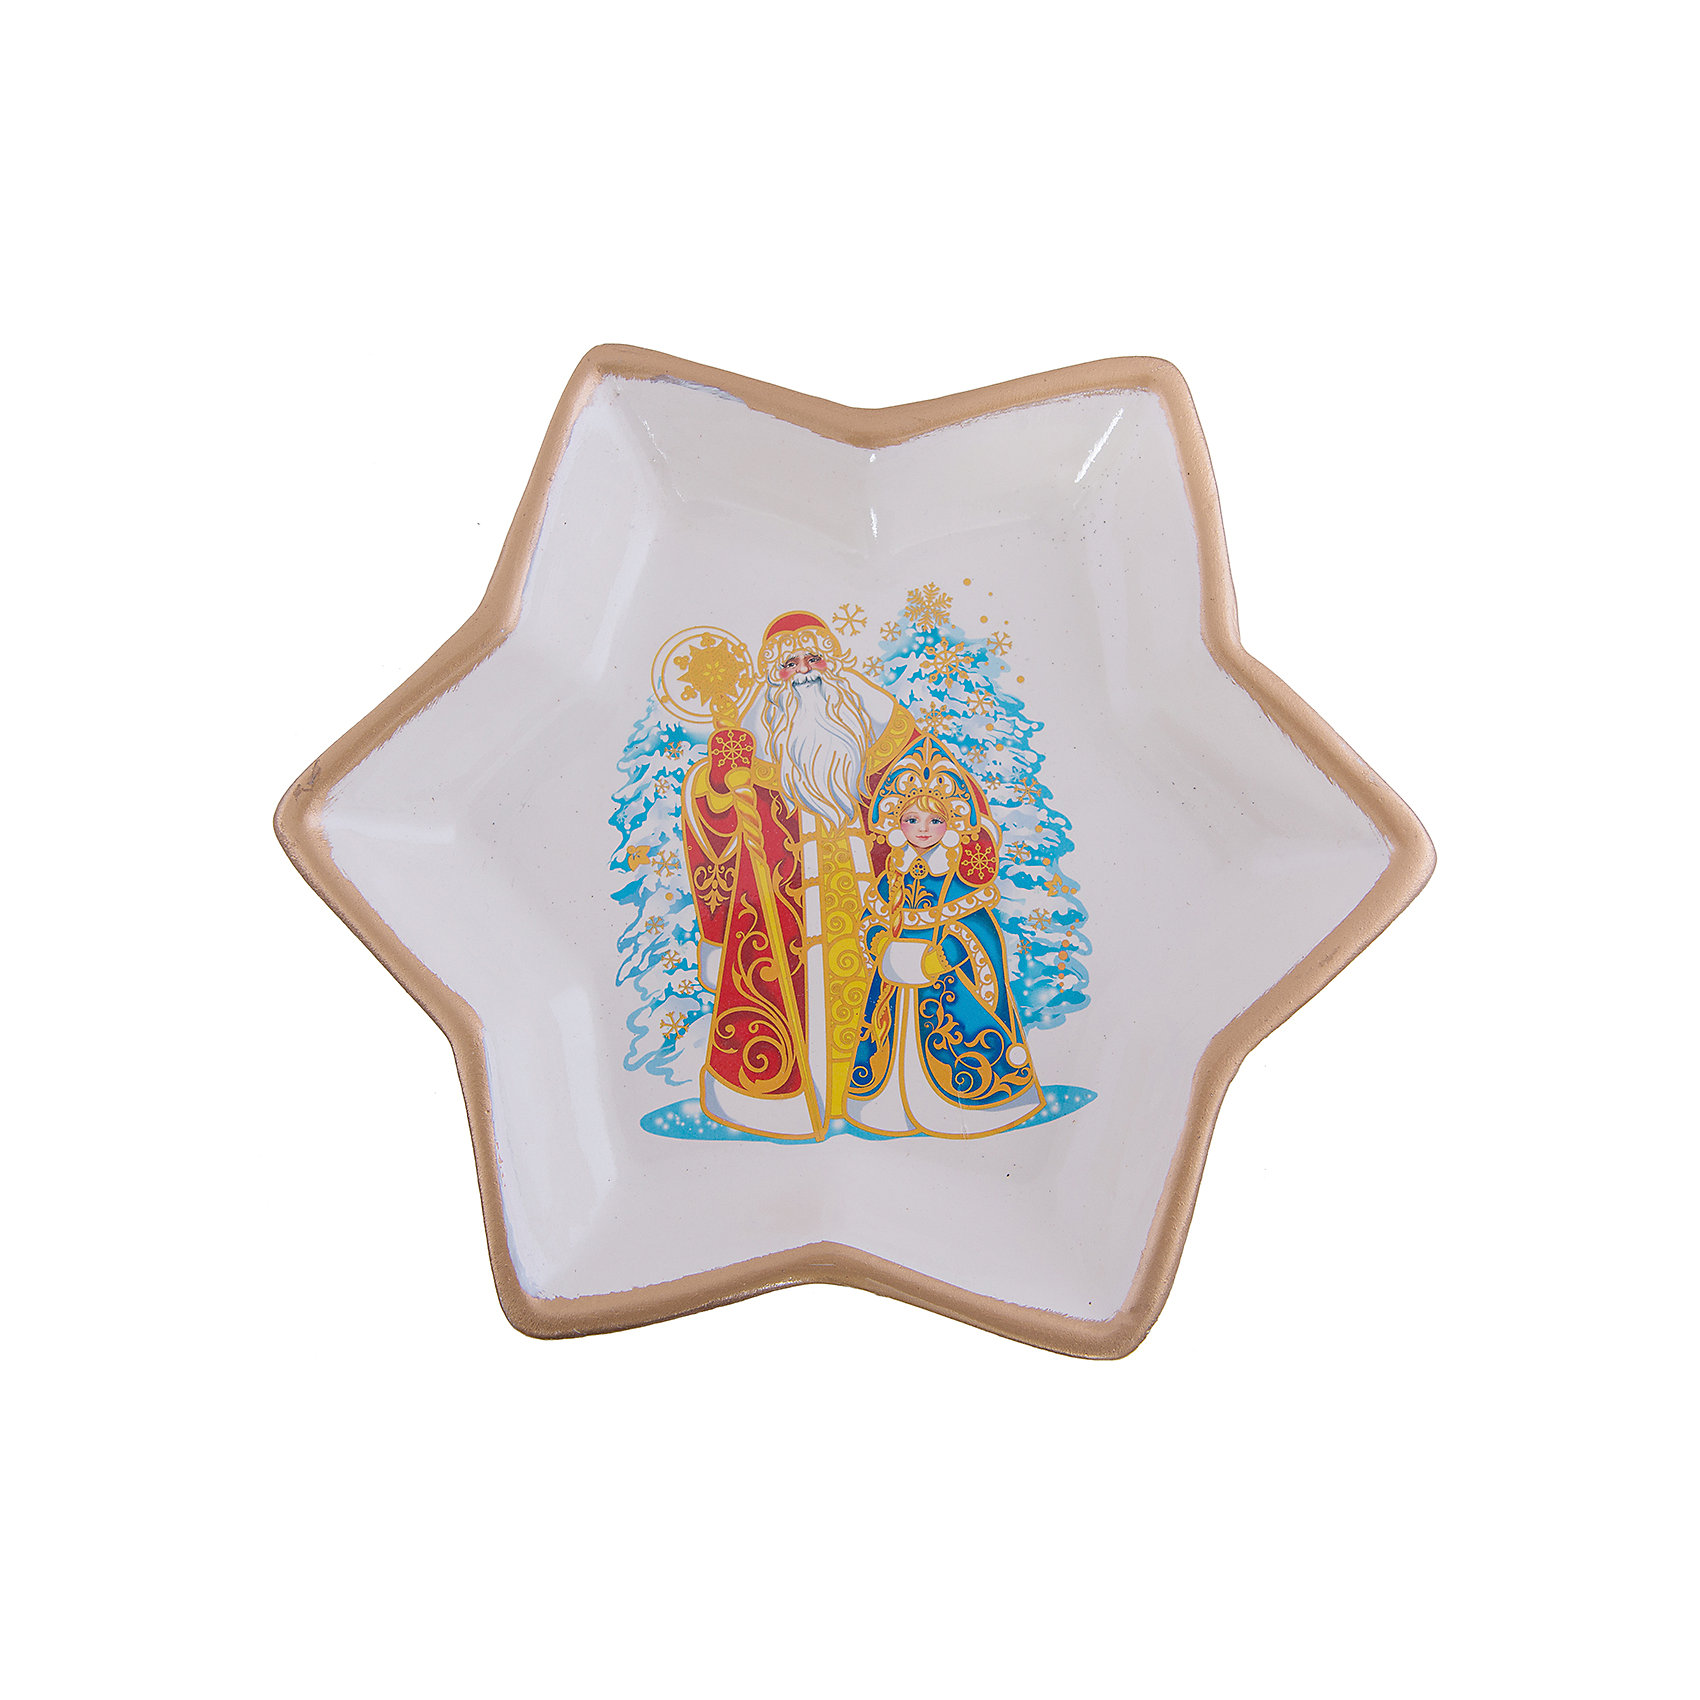 Керамическая тарелка Новый годДекоративная керамическая тарелка Новый год, Феникс-презент, замечательно украсит Ваш новогодний интерьер и поможет создать волшебную атмосферу новогодних праздников. Тарелка выполнена в форме пятиконечной звезды и оформлена нарядным изображением Деда Мороза и Снегурочки на фоне заснеженных елей. <br><br><br>Дополнительная информация:<br><br>- Материал: керамика.<br>- Размер тарелки: 20 х 20 х 3 см.<br>- Вес: 0,347 кг. <br><br>Керамическую тарелку Новый год, Феникс-презент, можно купить в нашем интернет-магазине.<br><br>Ширина мм: 210<br>Глубина мм: 210<br>Высота мм: 40<br>Вес г: 347<br>Возраст от месяцев: 36<br>Возраст до месяцев: 2147483647<br>Пол: Унисекс<br>Возраст: Детский<br>SKU: 4274656